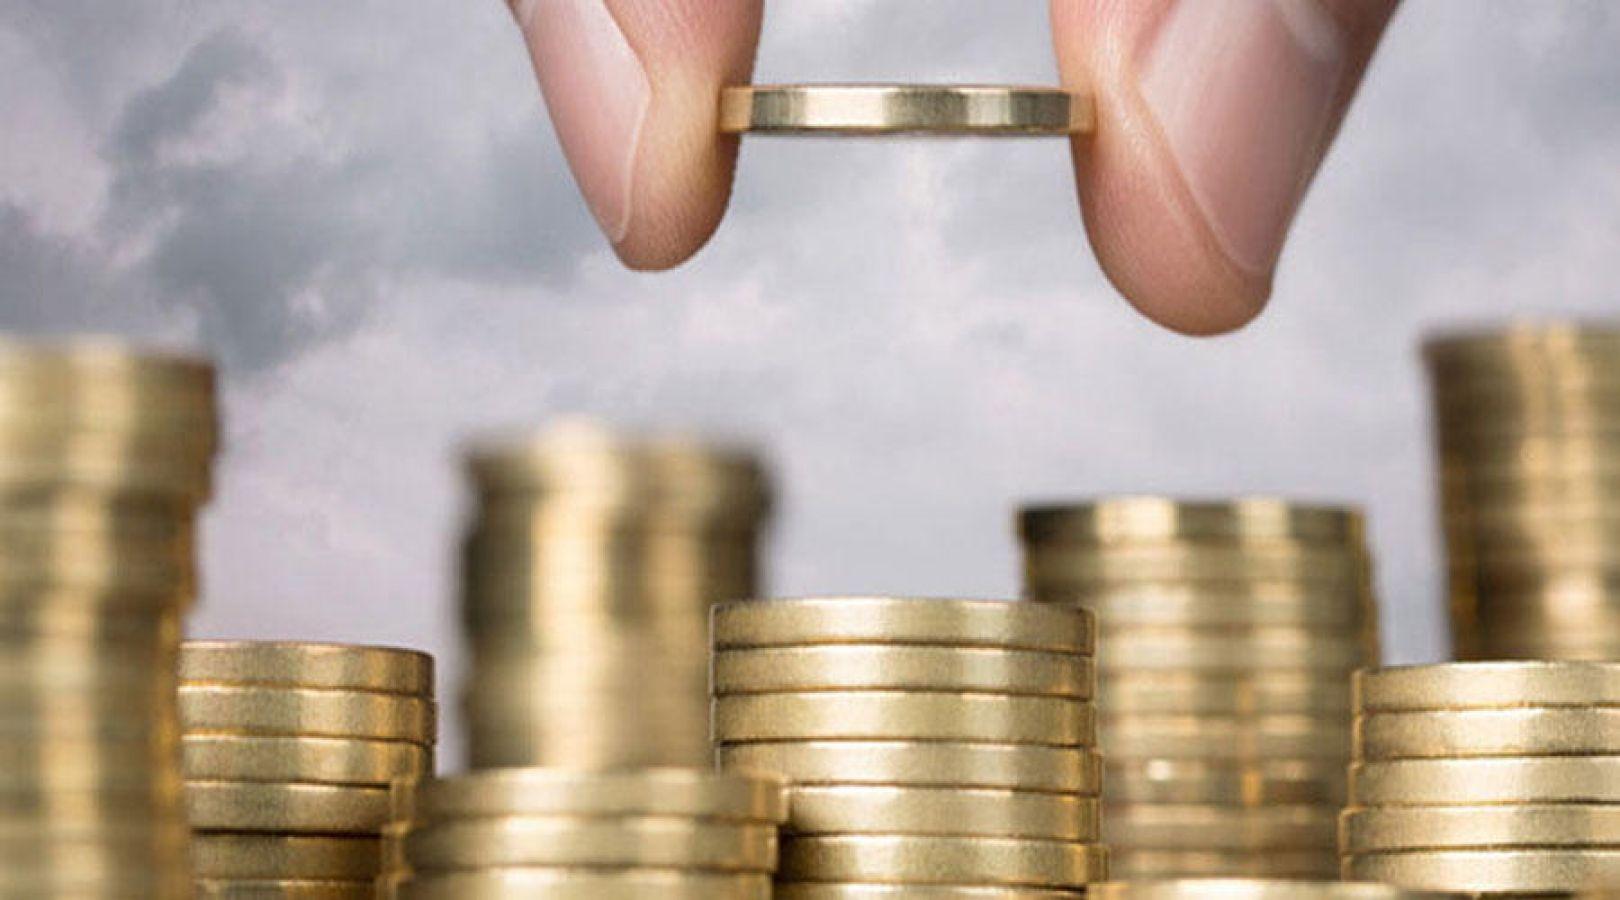 सप्ताह के दूसरे दिन भी रुपये को मिली कमजोर शुरुआत